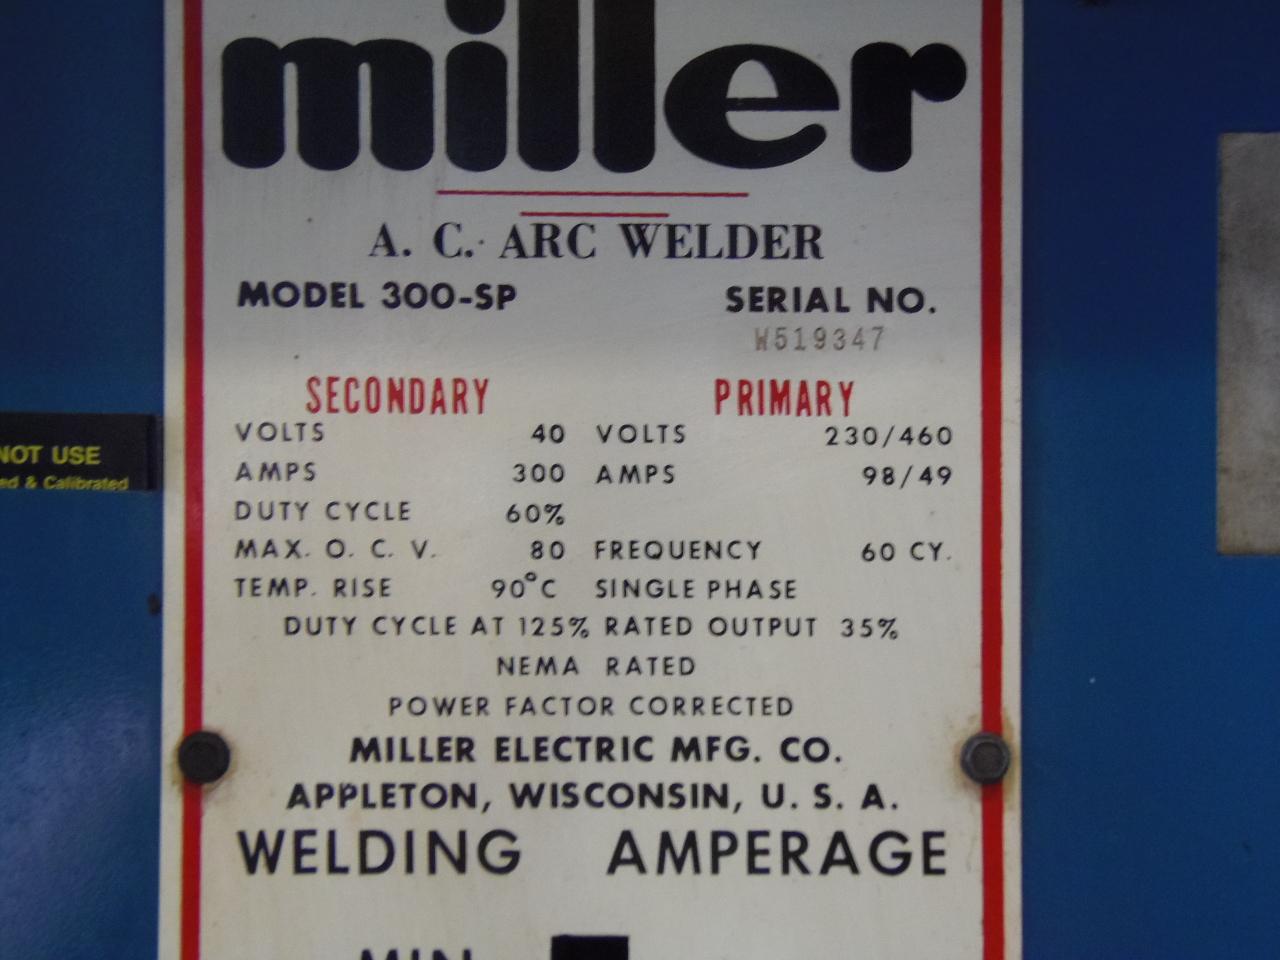 MILLER 300 AMP A.C. ARC WELDER, MODEL 300-SP